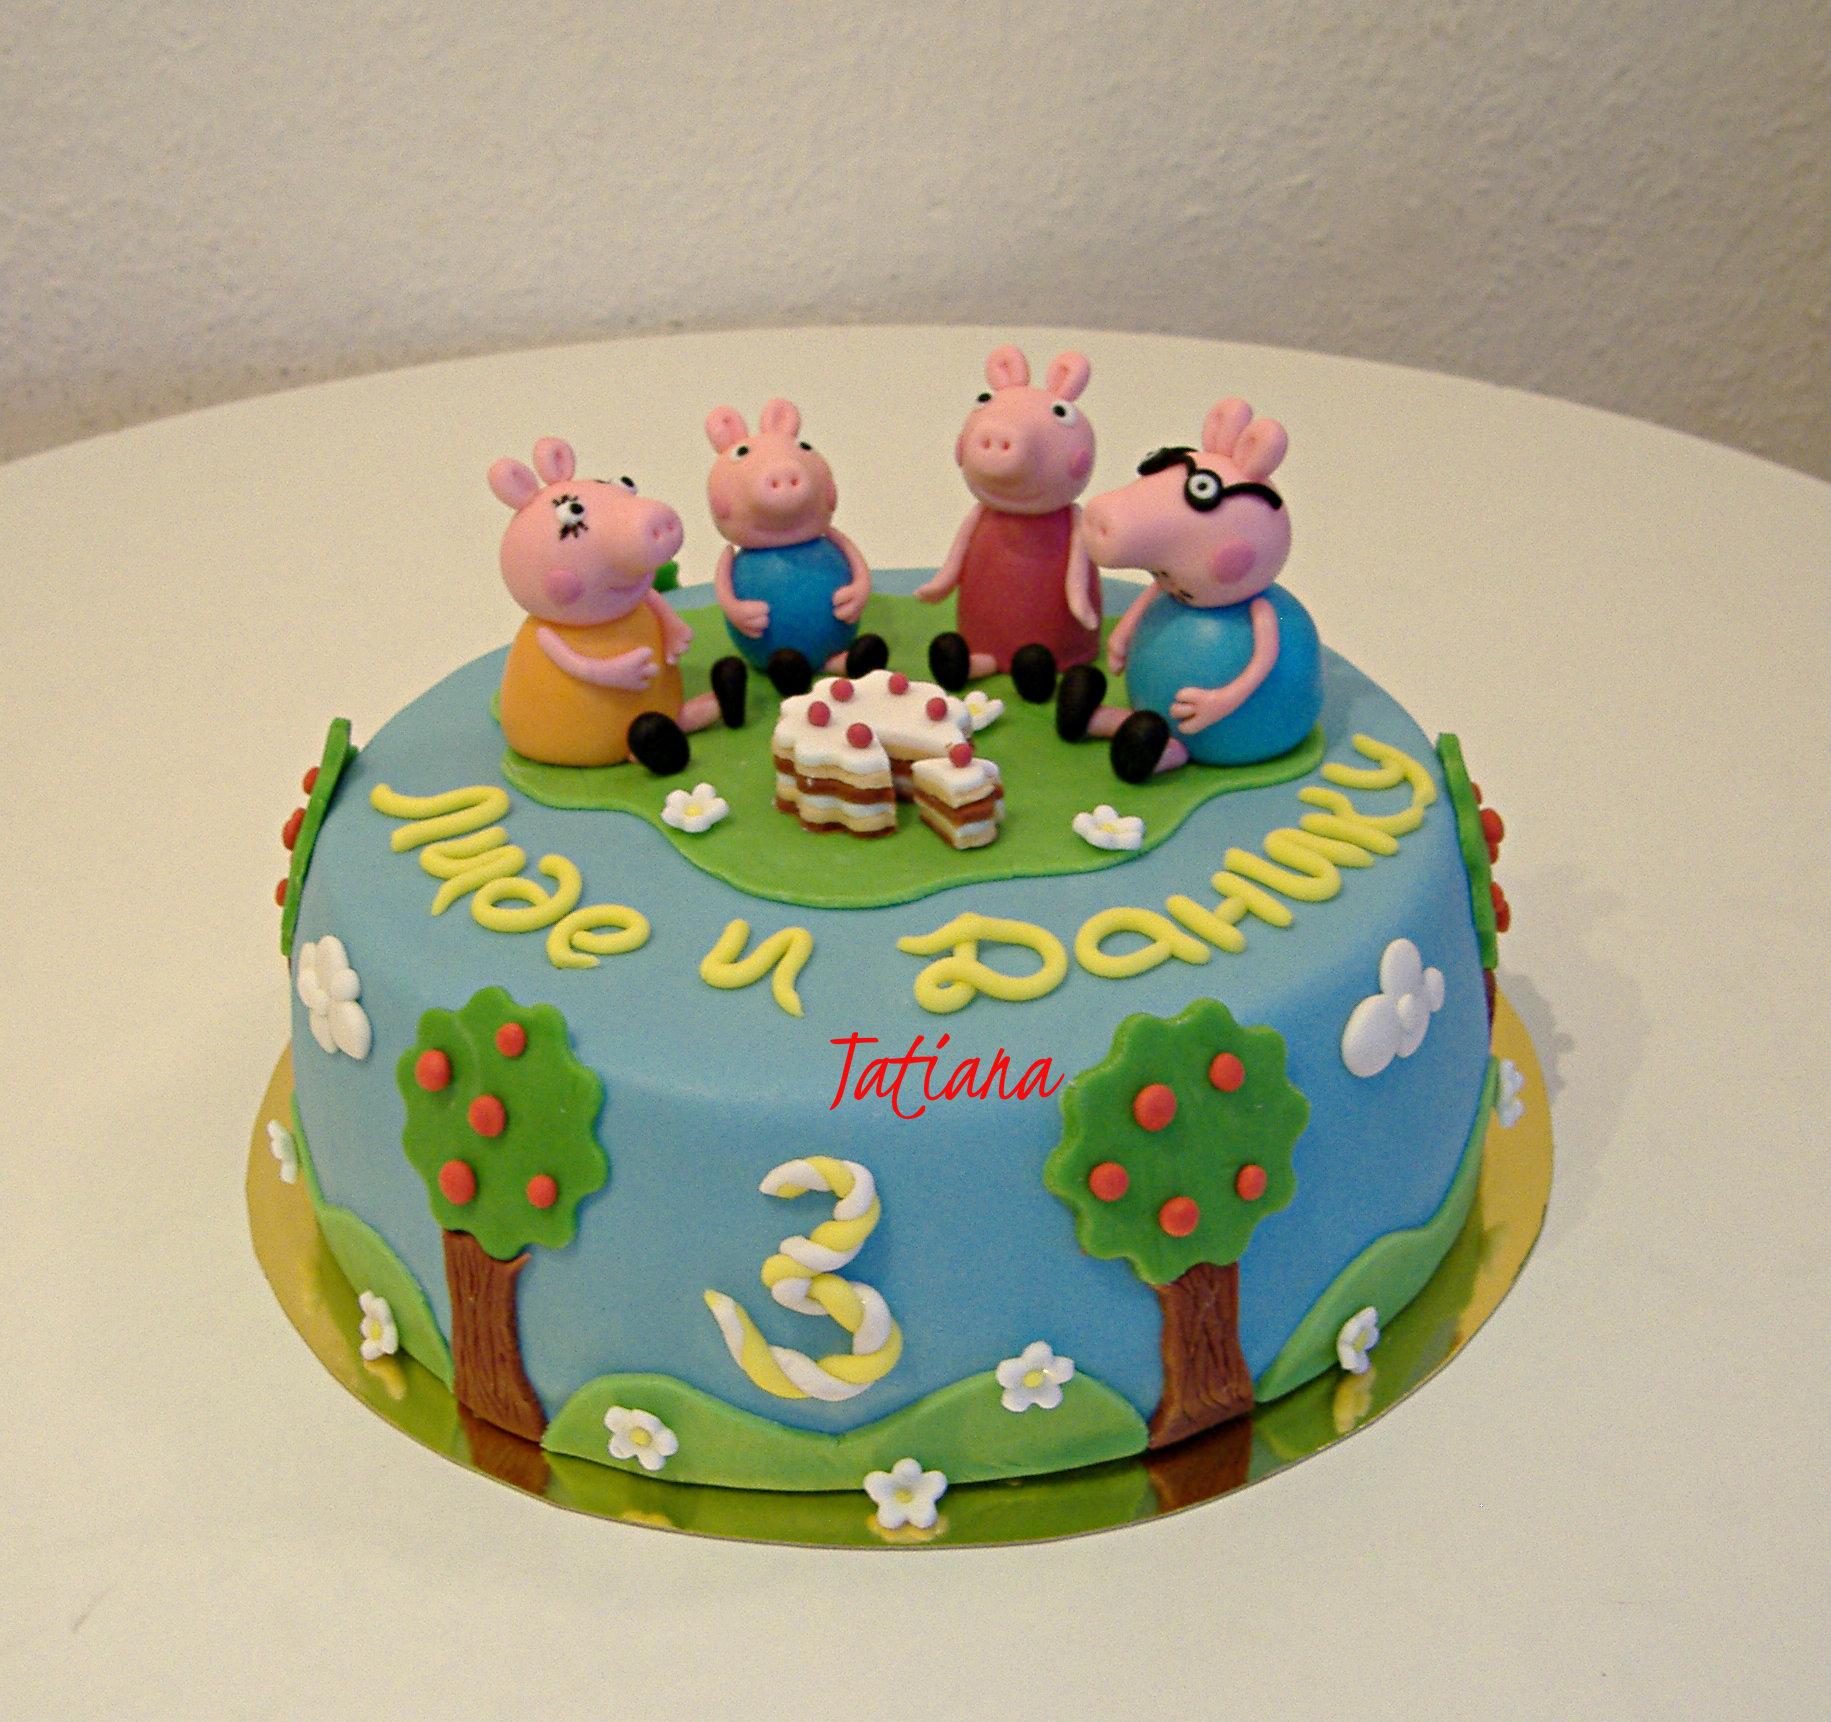 Детский торт своими руками. Торт со свинкой Пеппой 5